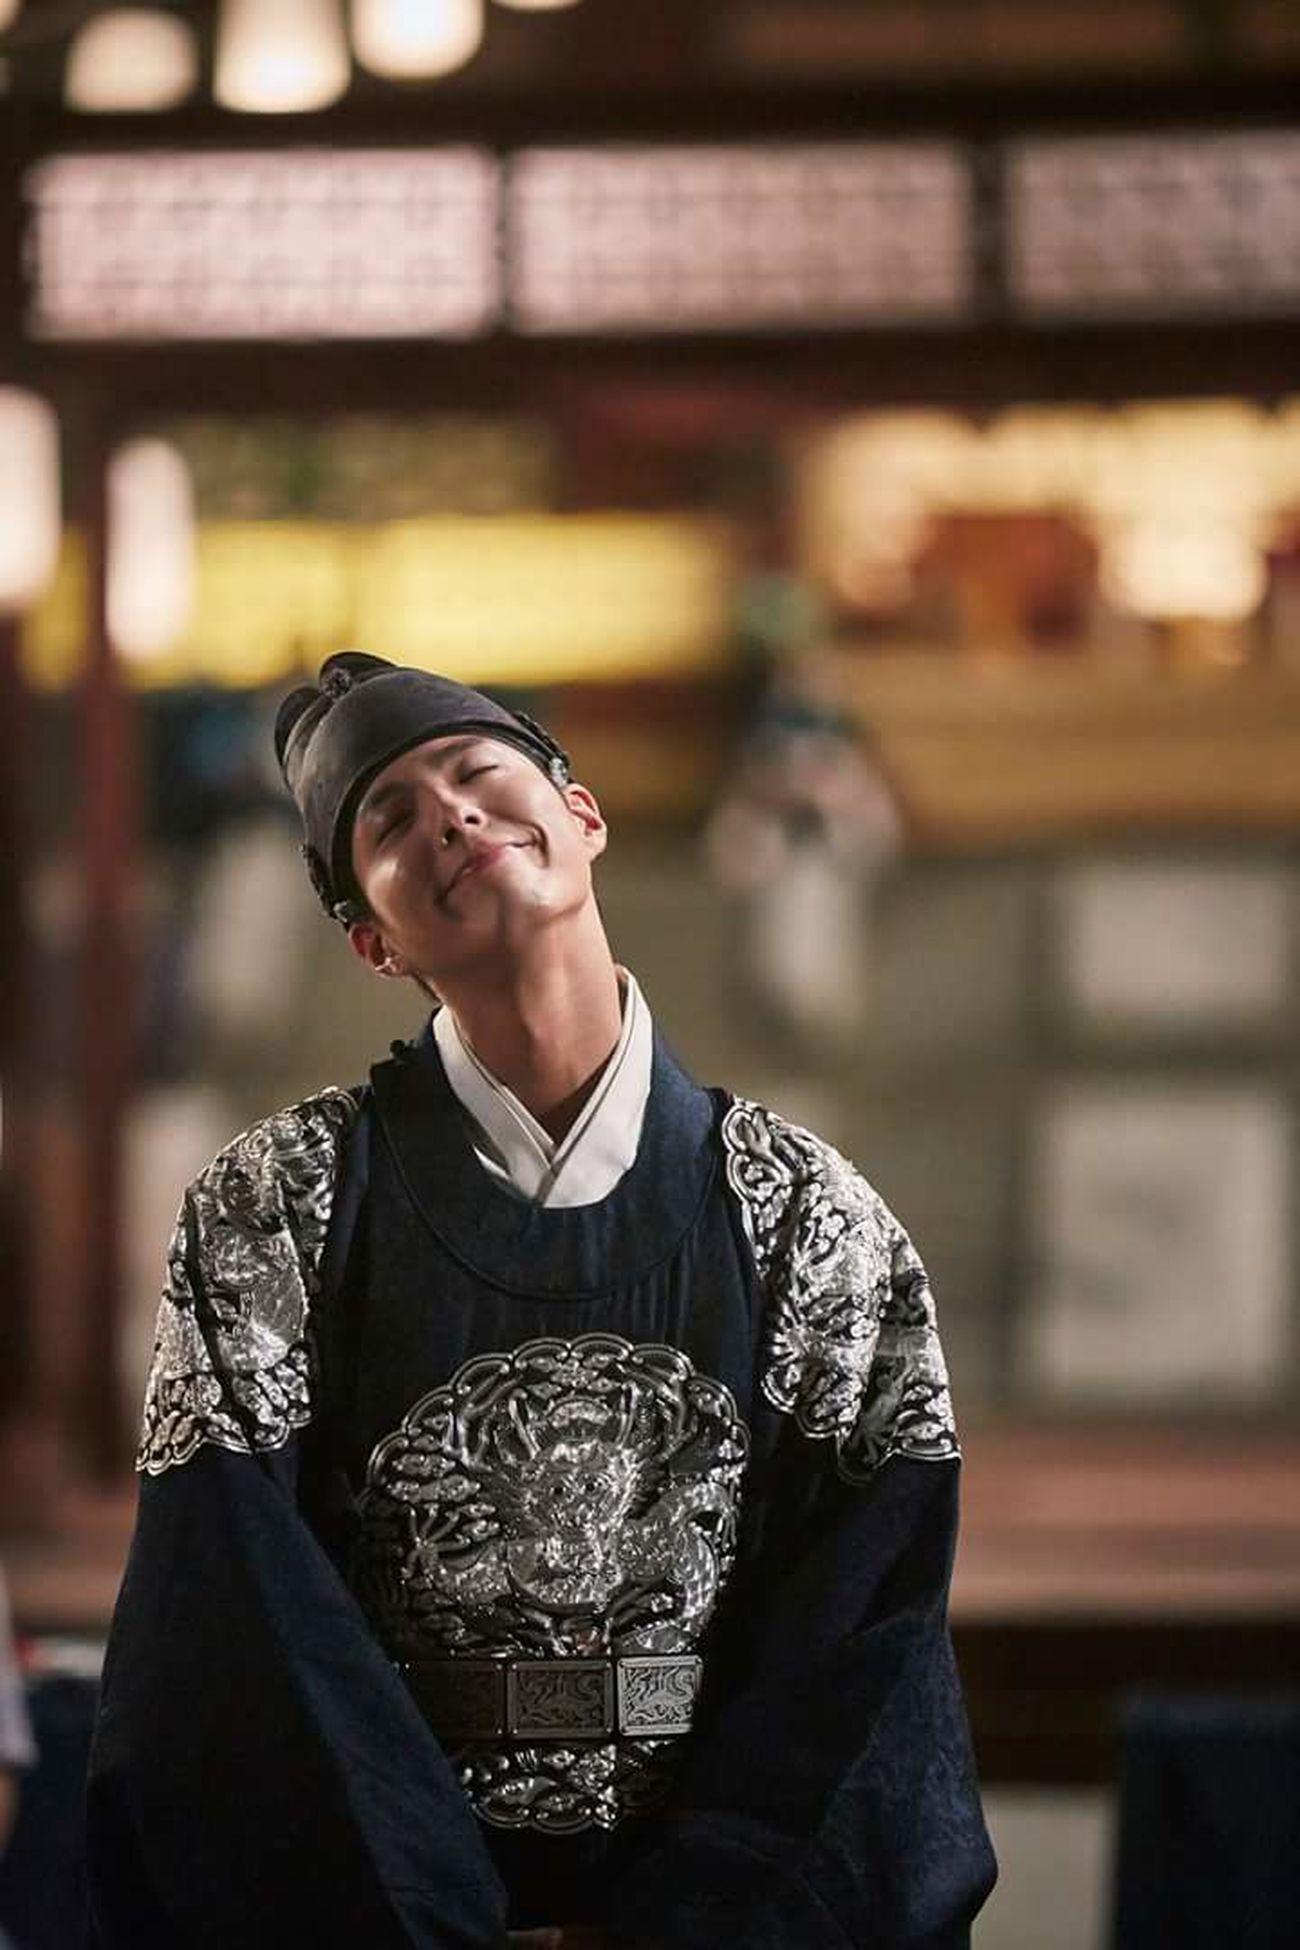 Toai được lên lớp 2 dòi đó nhaaaaa 😘😘 [我非常怒力。。。up👍👍☝☝] Final? Lên Lớp H1 To  H2 Park Bo Gum 박보검 Chaiyo 加油 Moonlight Drawn By Clouds